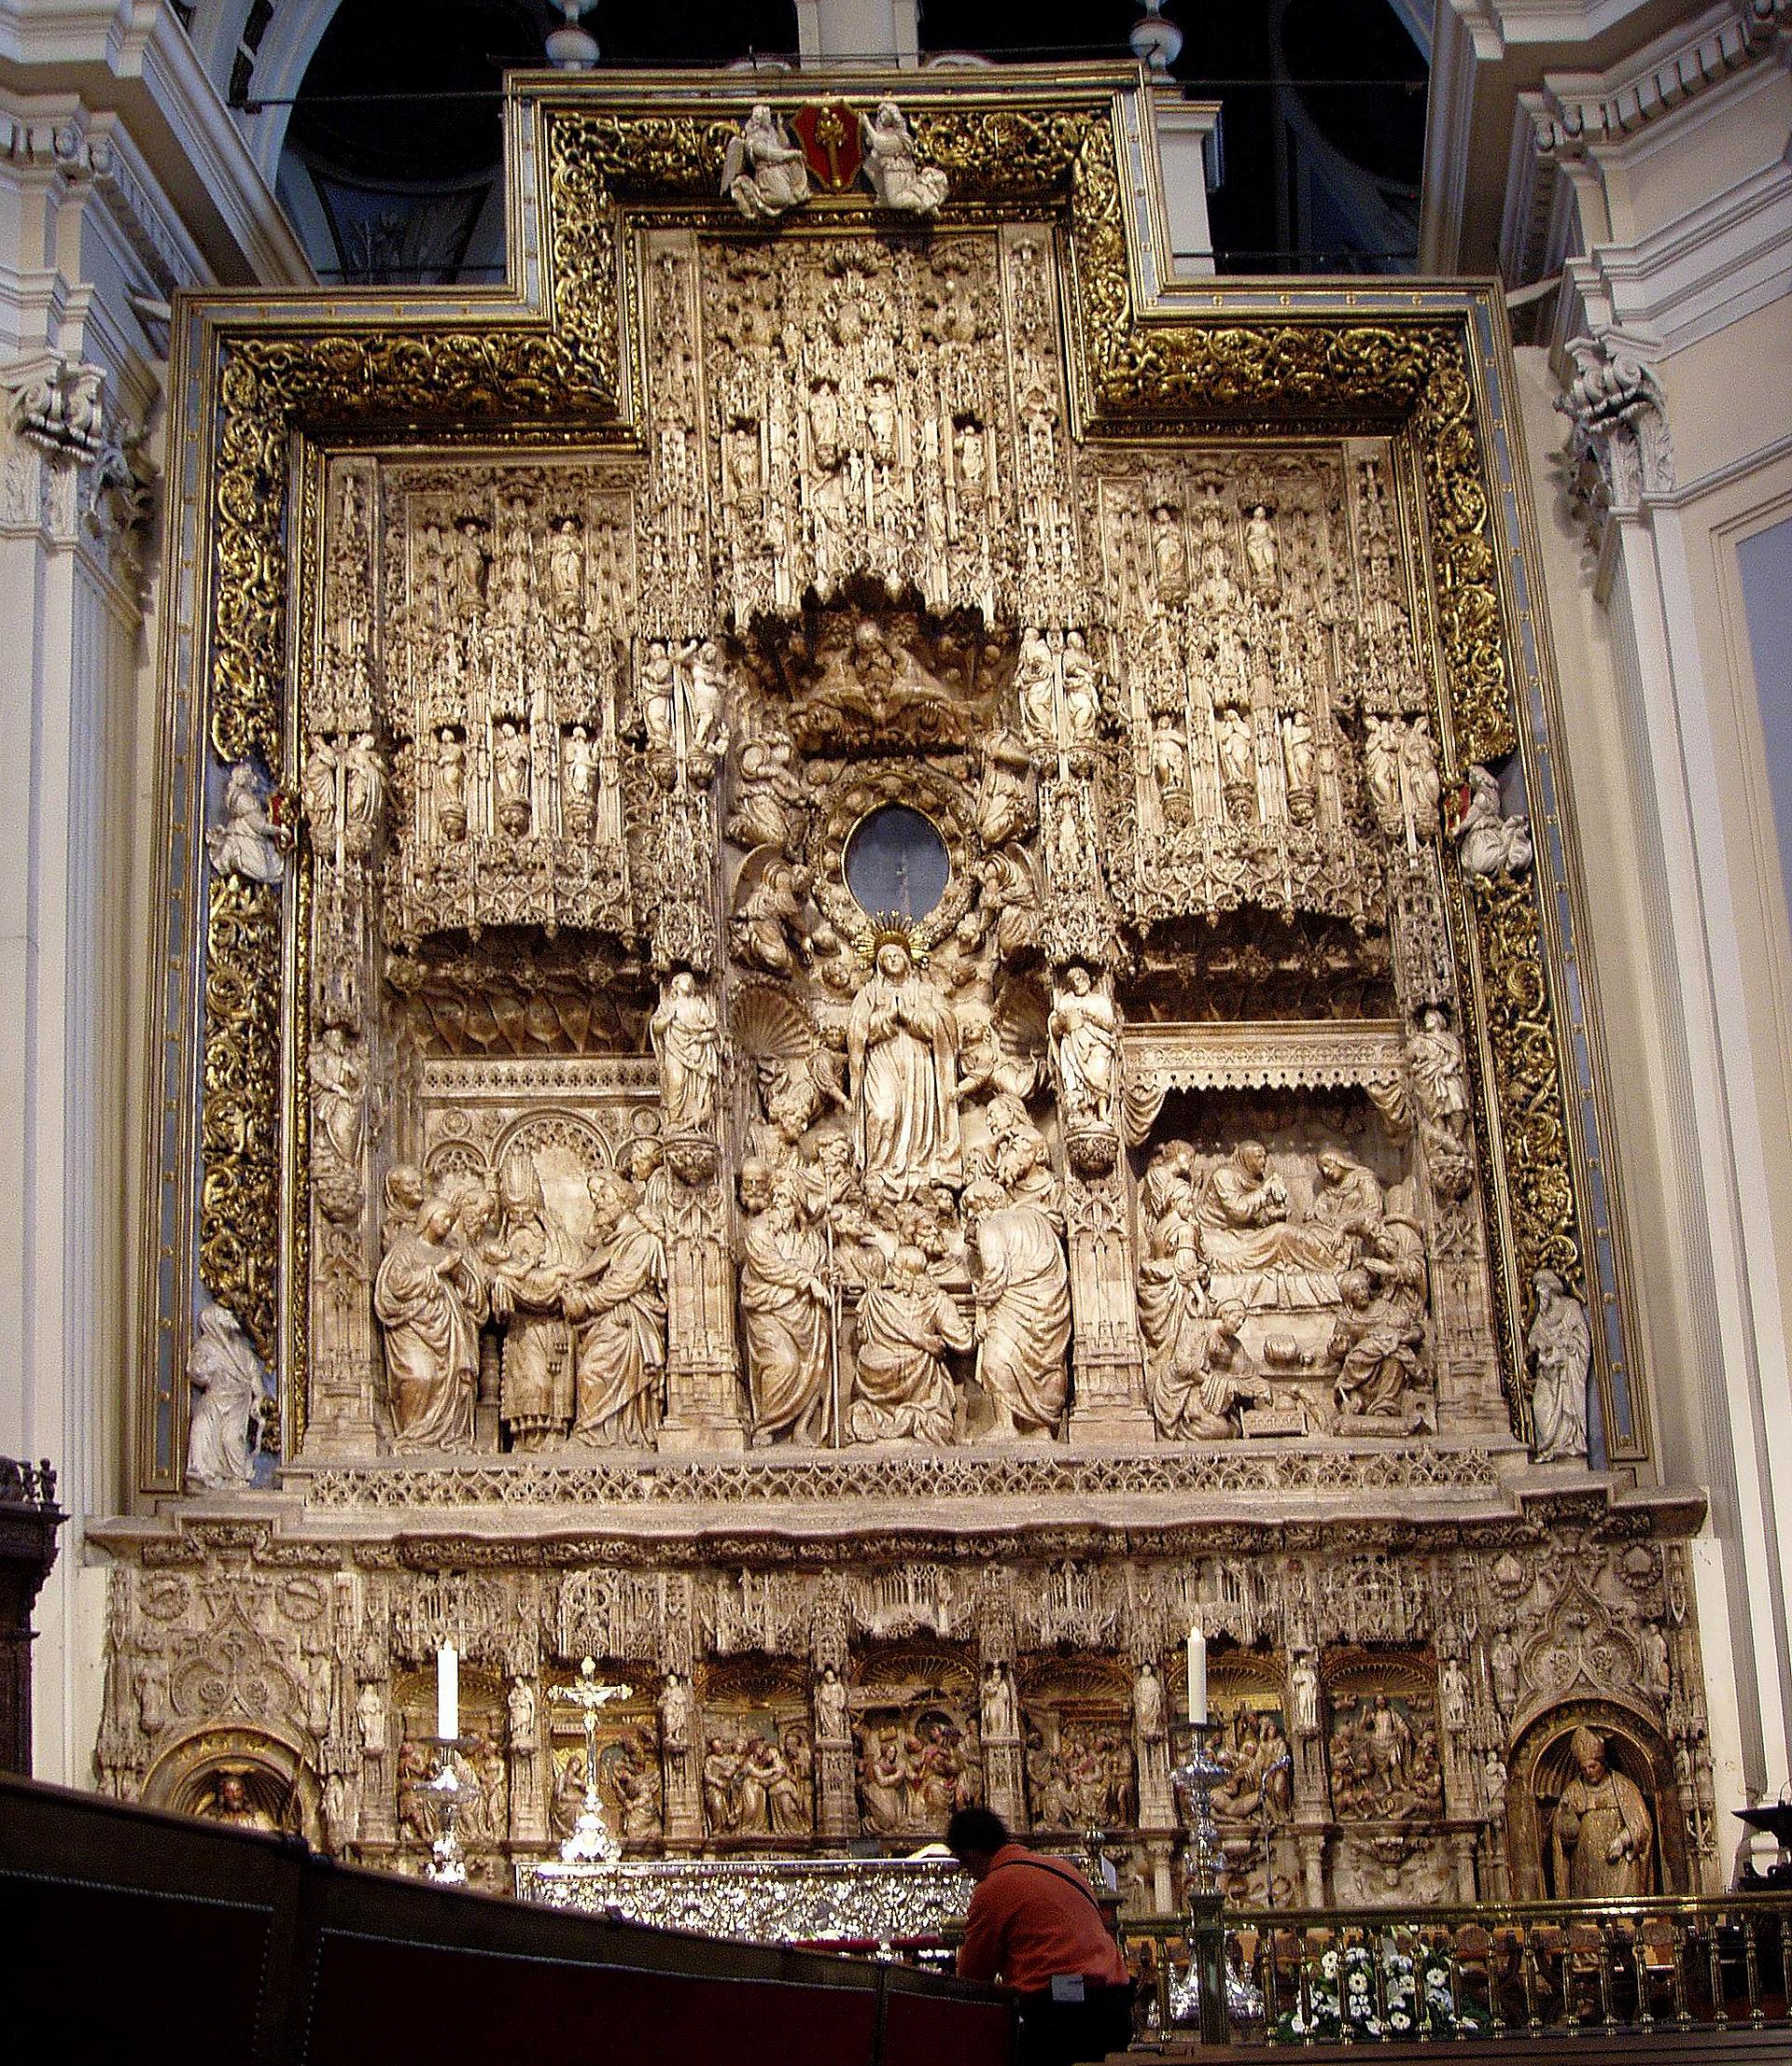 Retablo mayor de la Basílica de Nuestra Señora del Pilar, Zaragoza